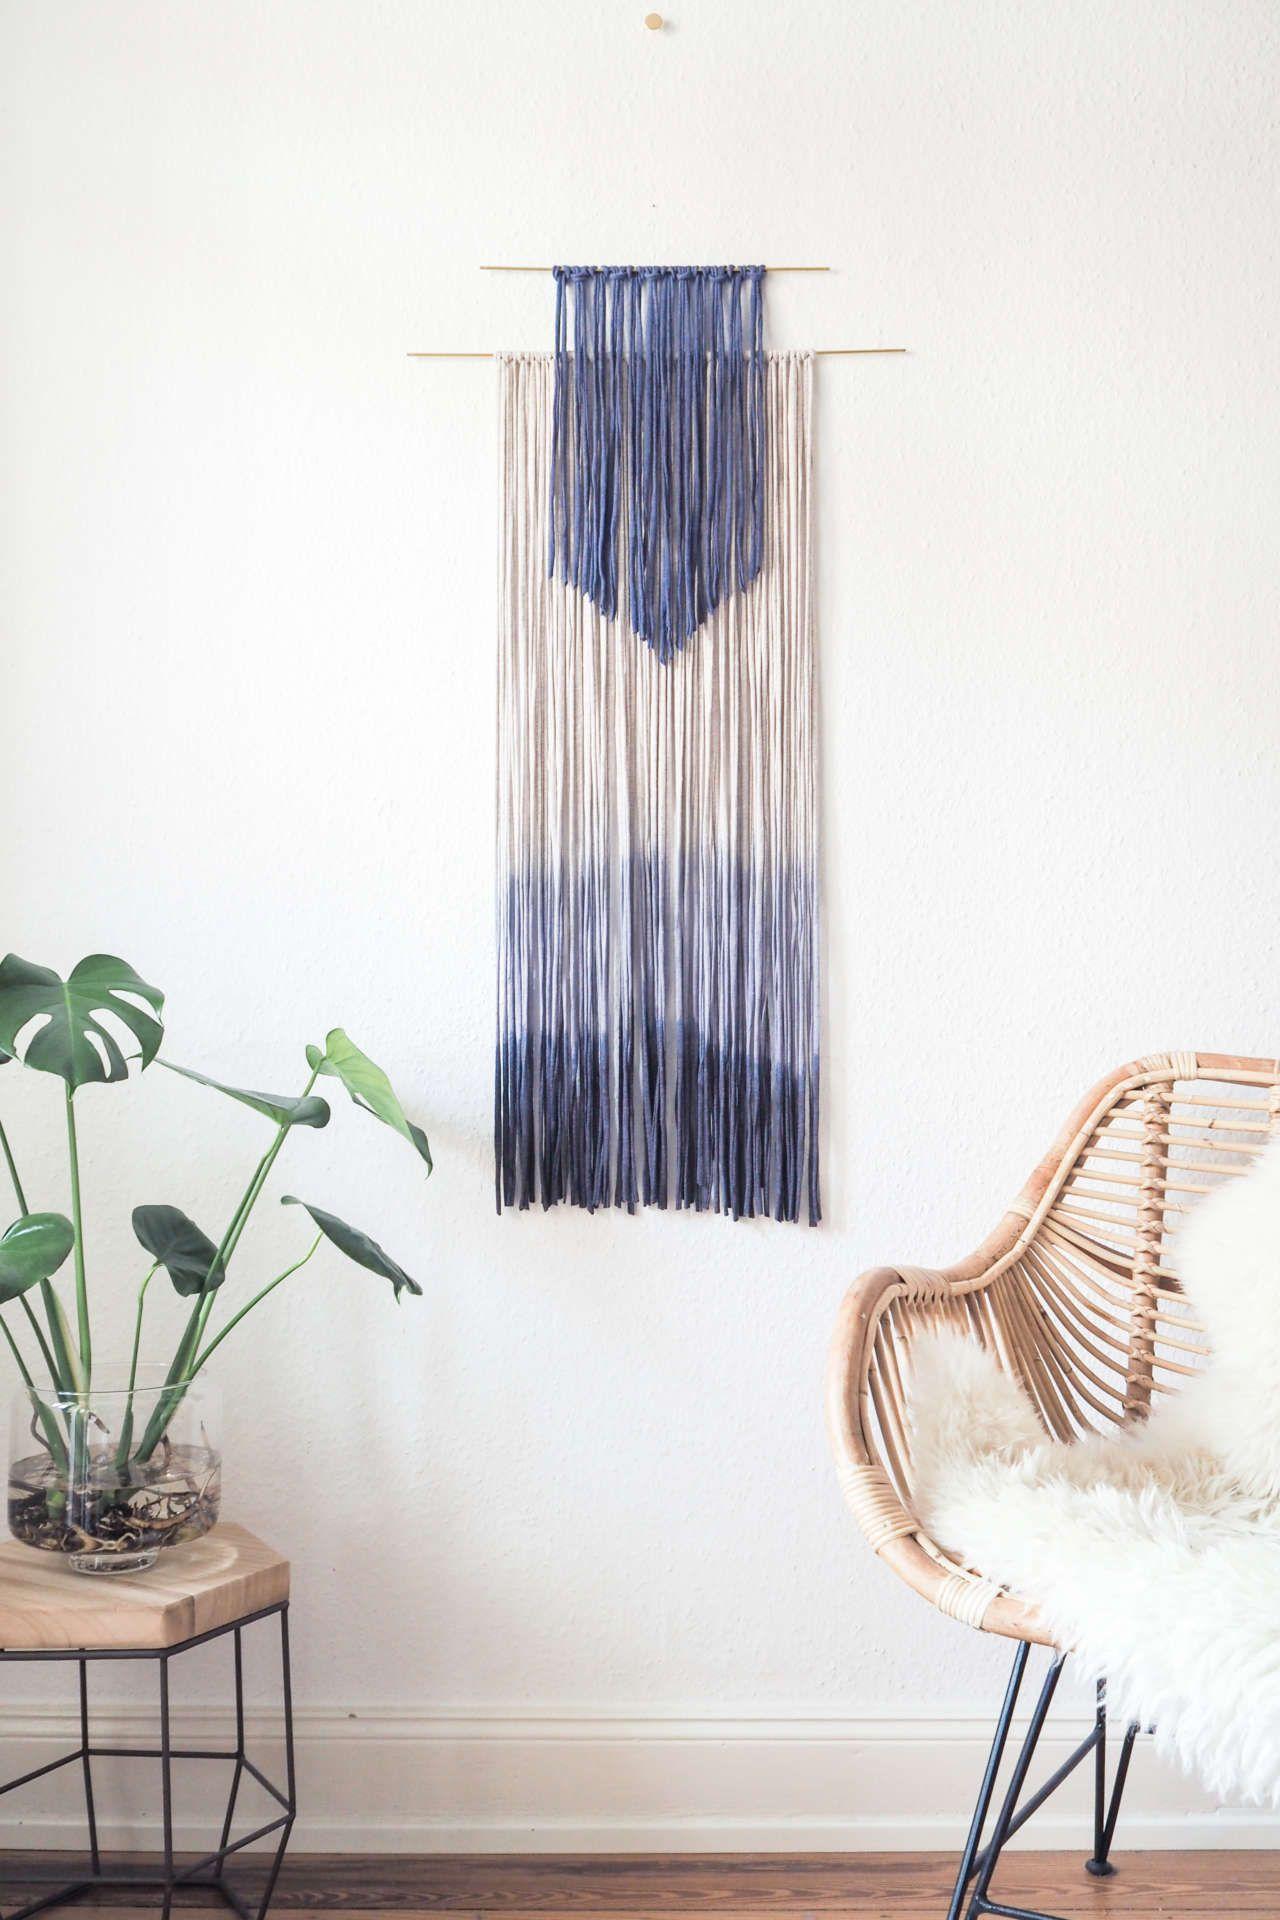 DIY Wanddeko selber machen: Dip Dye Wall Hanging   b l o g △ D I Y ...